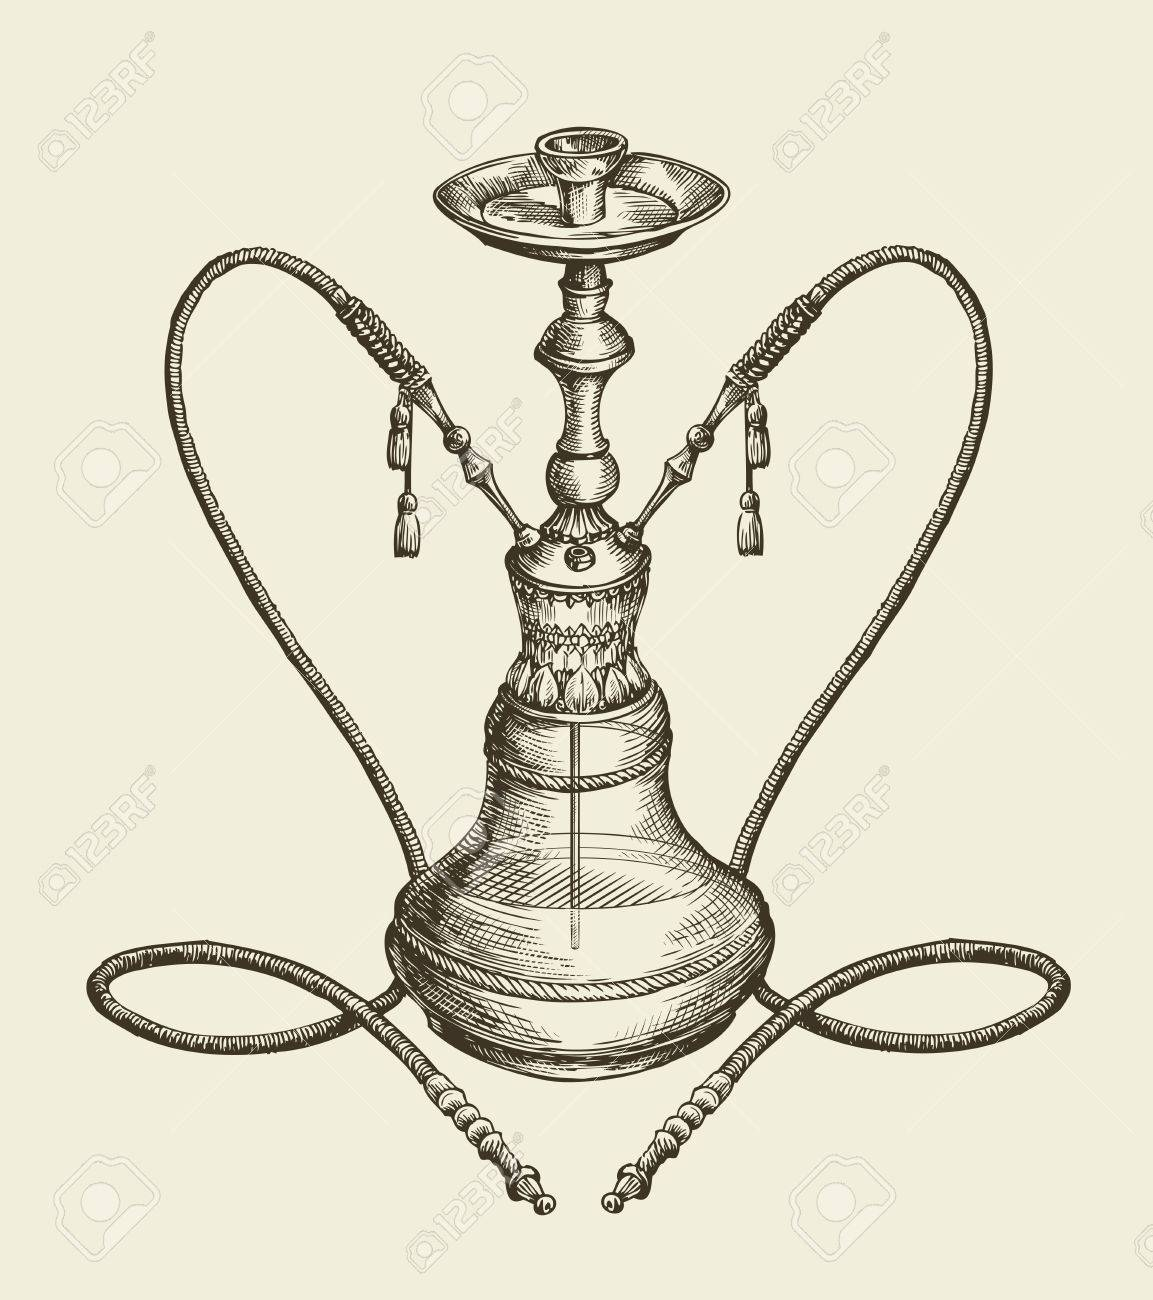 1153x1300 Vintage Sketch Hookah, Tobacco Smoking. Vector Illustration